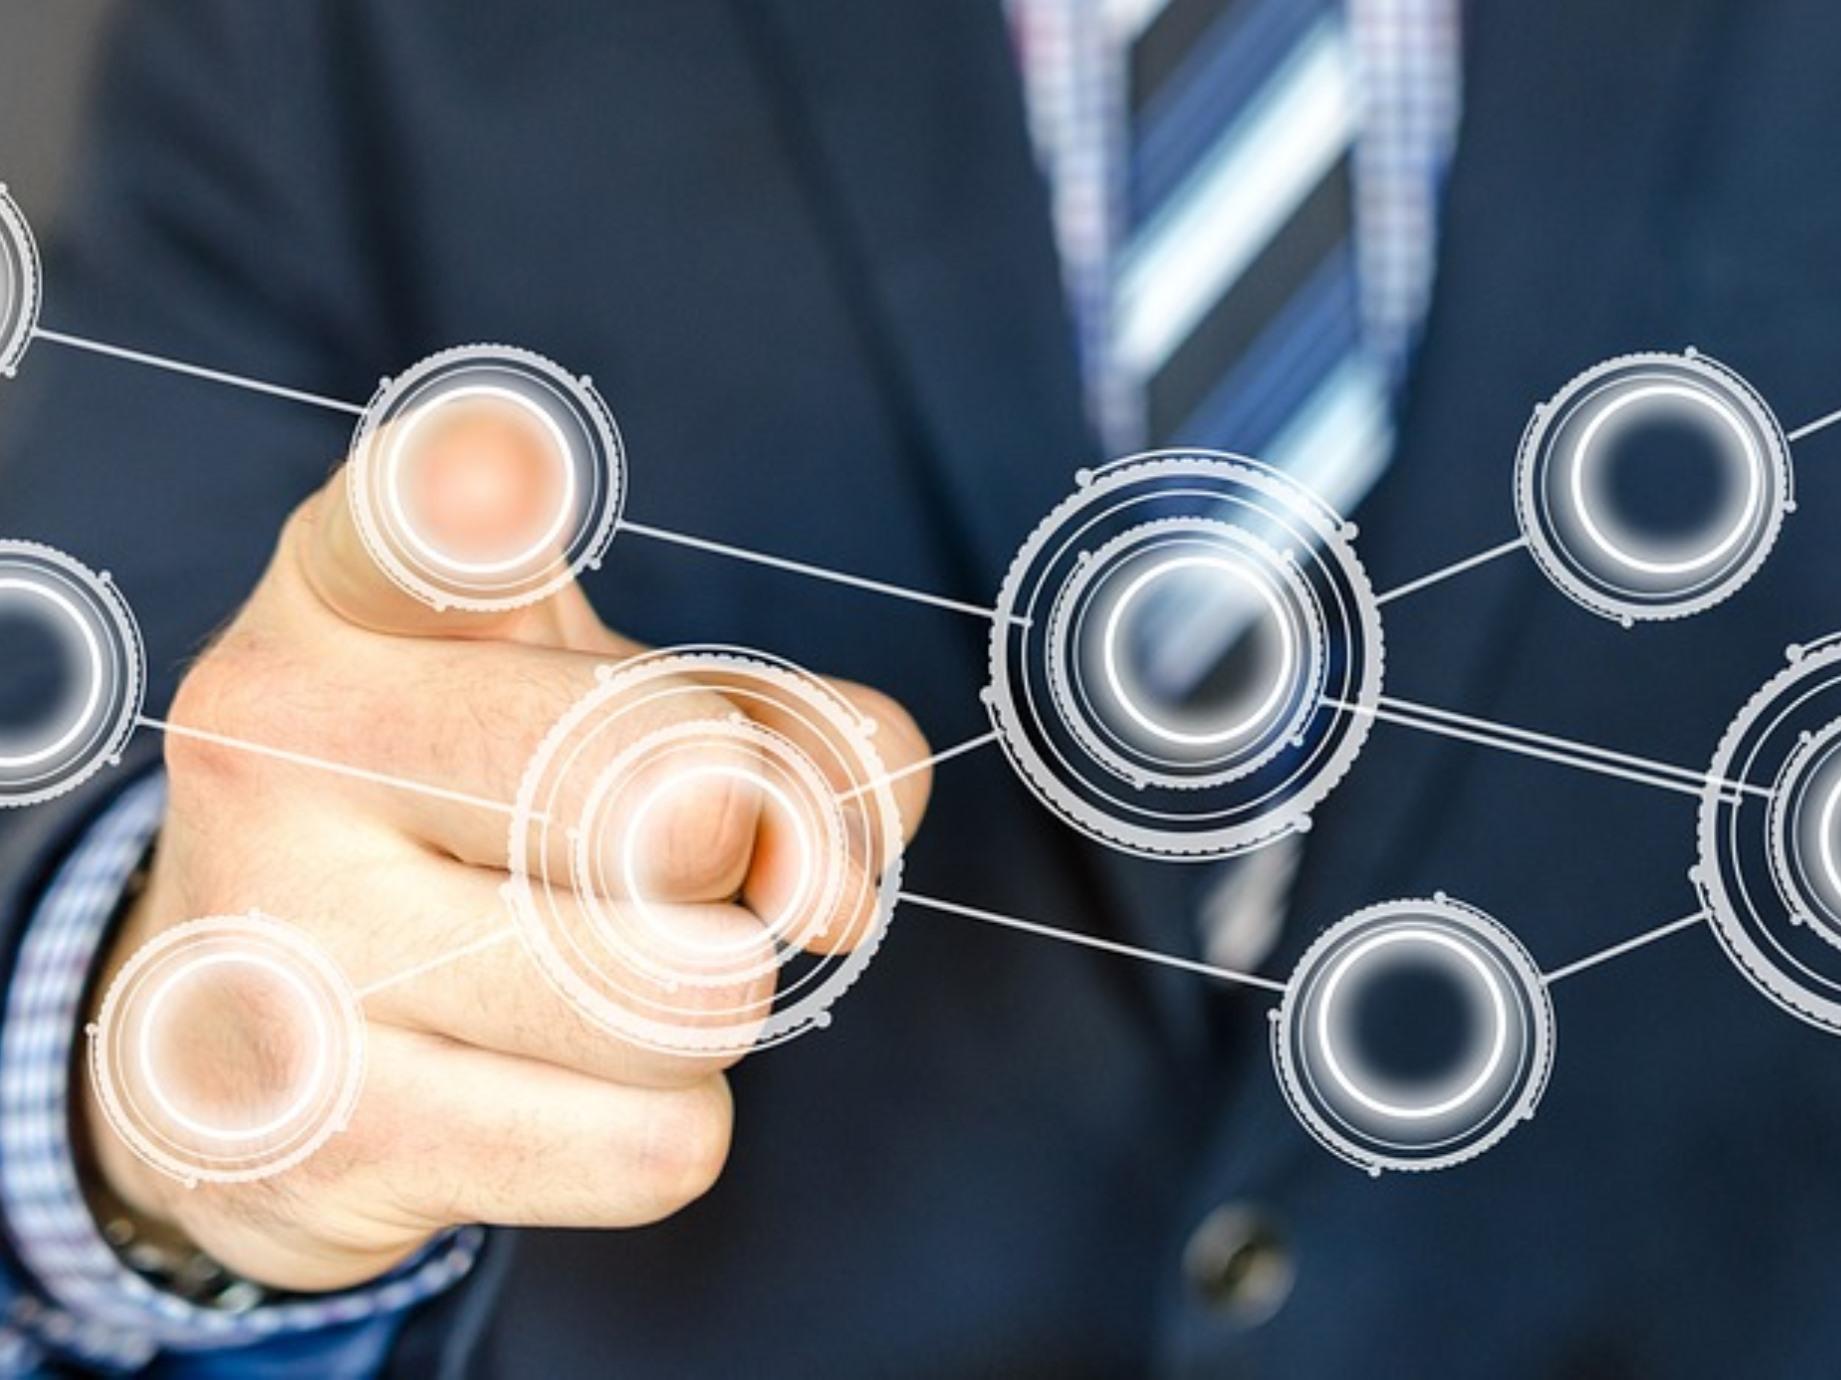 邁向智慧新世代!經濟部促3300個商業服務據點智慧化轉型,帶動6億物流營收